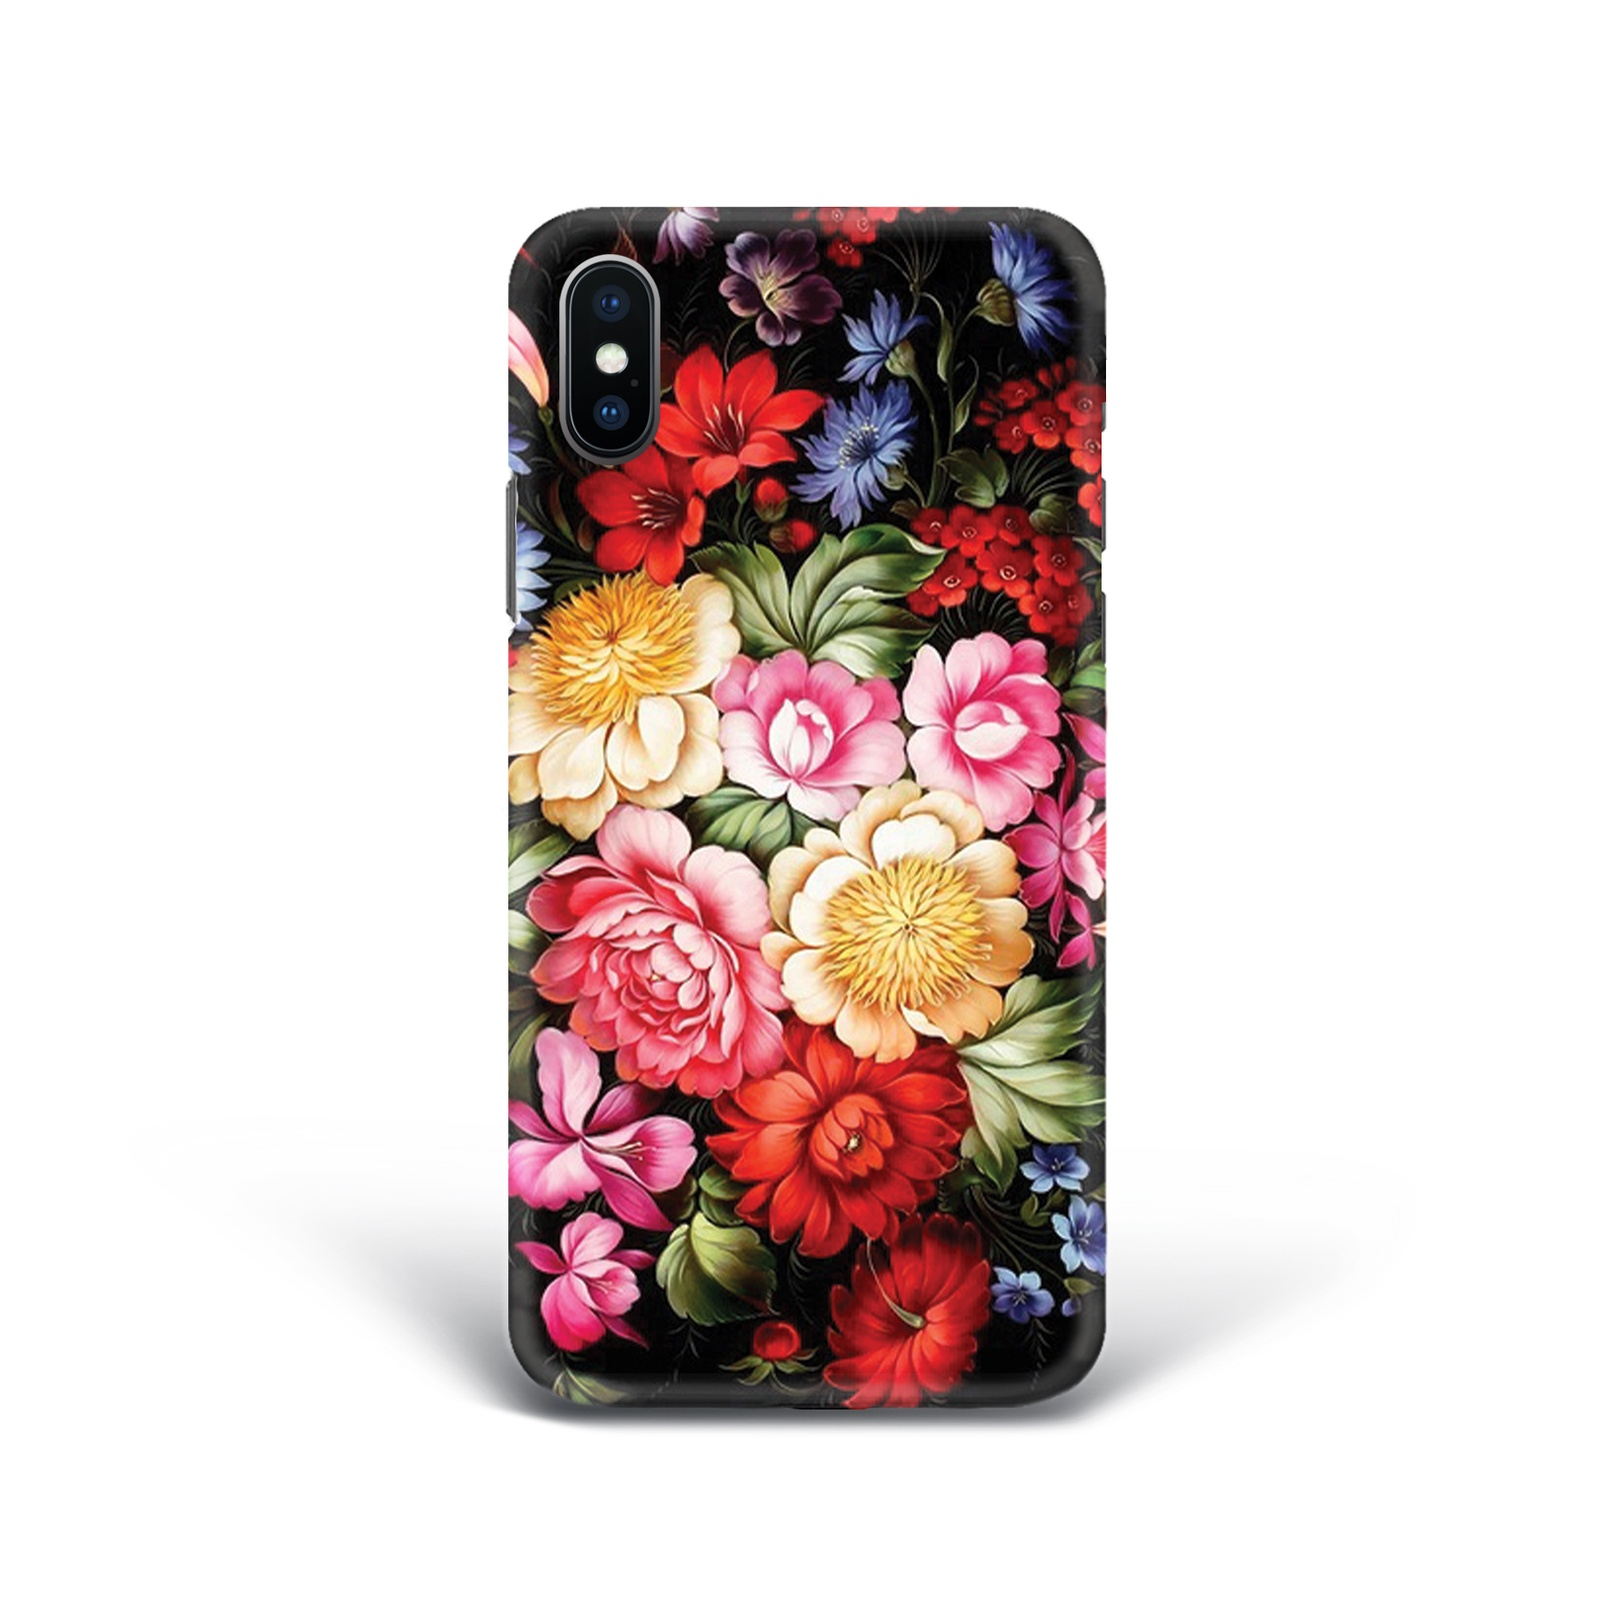 Чехол Mitya Veselkov Жостовский узор-1 для Apple iPhone X, IP10.MITYA-008, разноцветный чехол для iphone 6 mitya veselkov жостовский узор 1